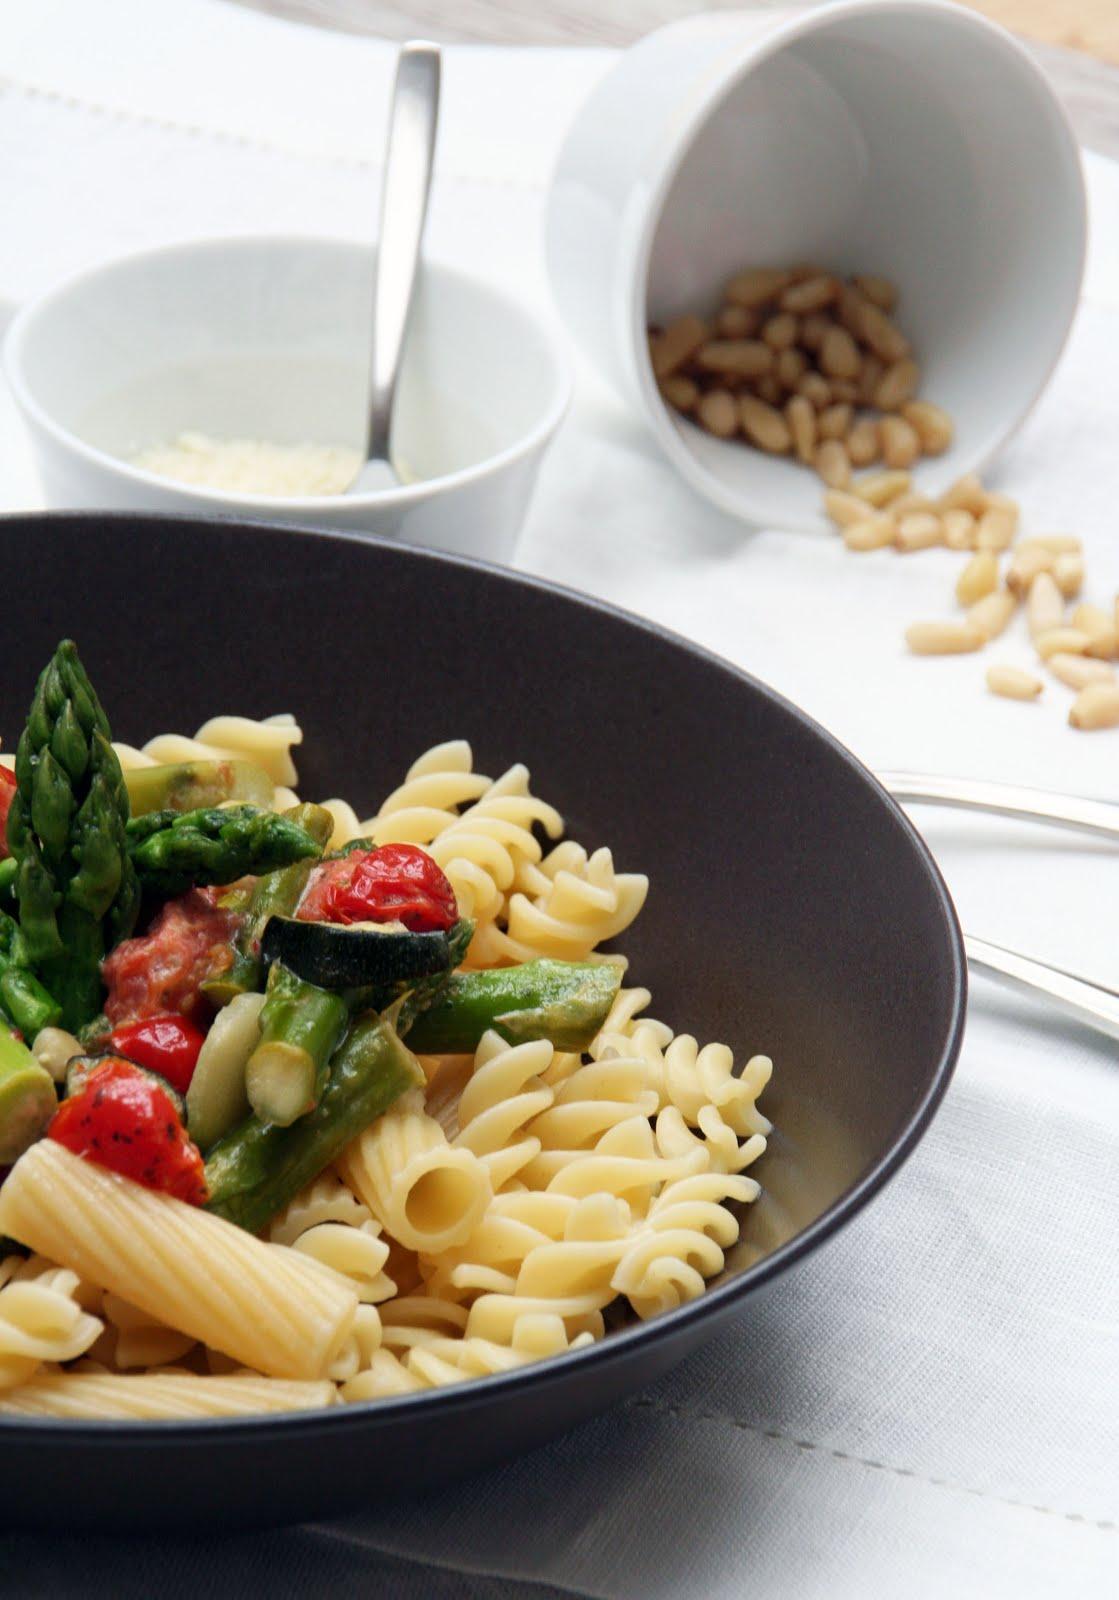 ninamanie pasta mit gr nem spargel und tomaten. Black Bedroom Furniture Sets. Home Design Ideas